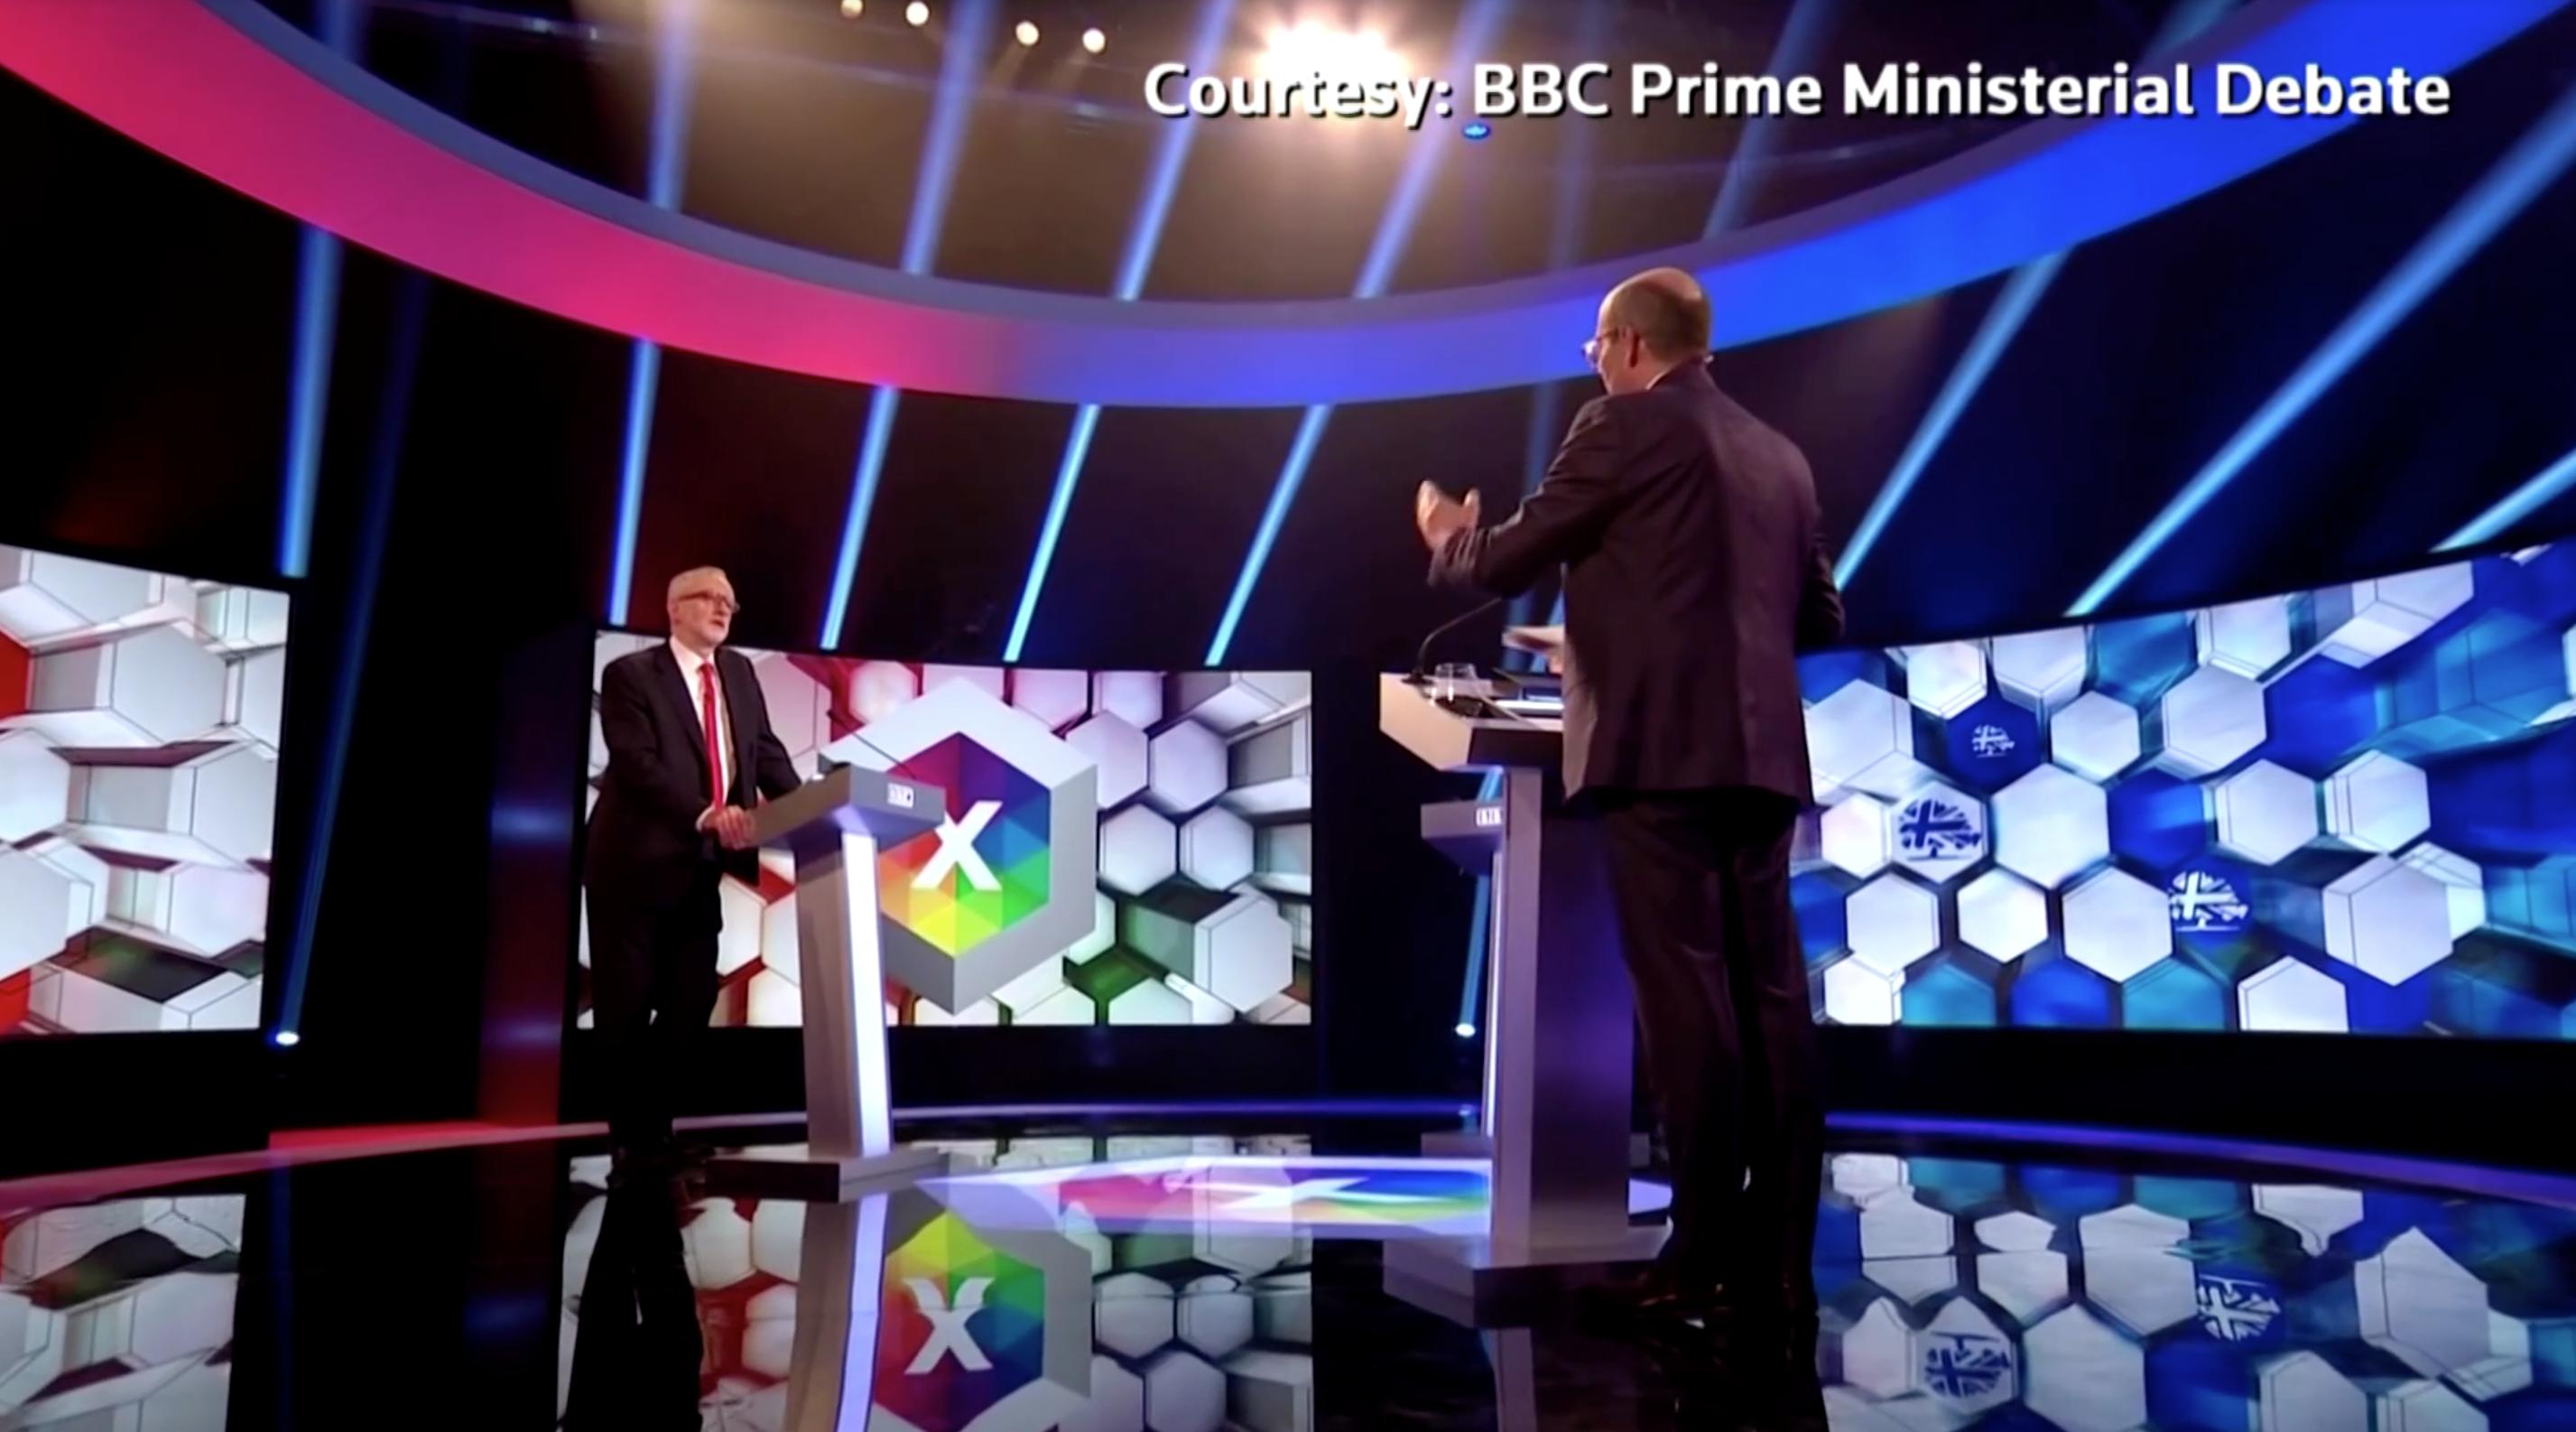 Các ứng cử viên thủ tướng Anh Quốc đối đầu trong cuộc tranh luận về Brexit cuối cùng trước cuộc bầu cử